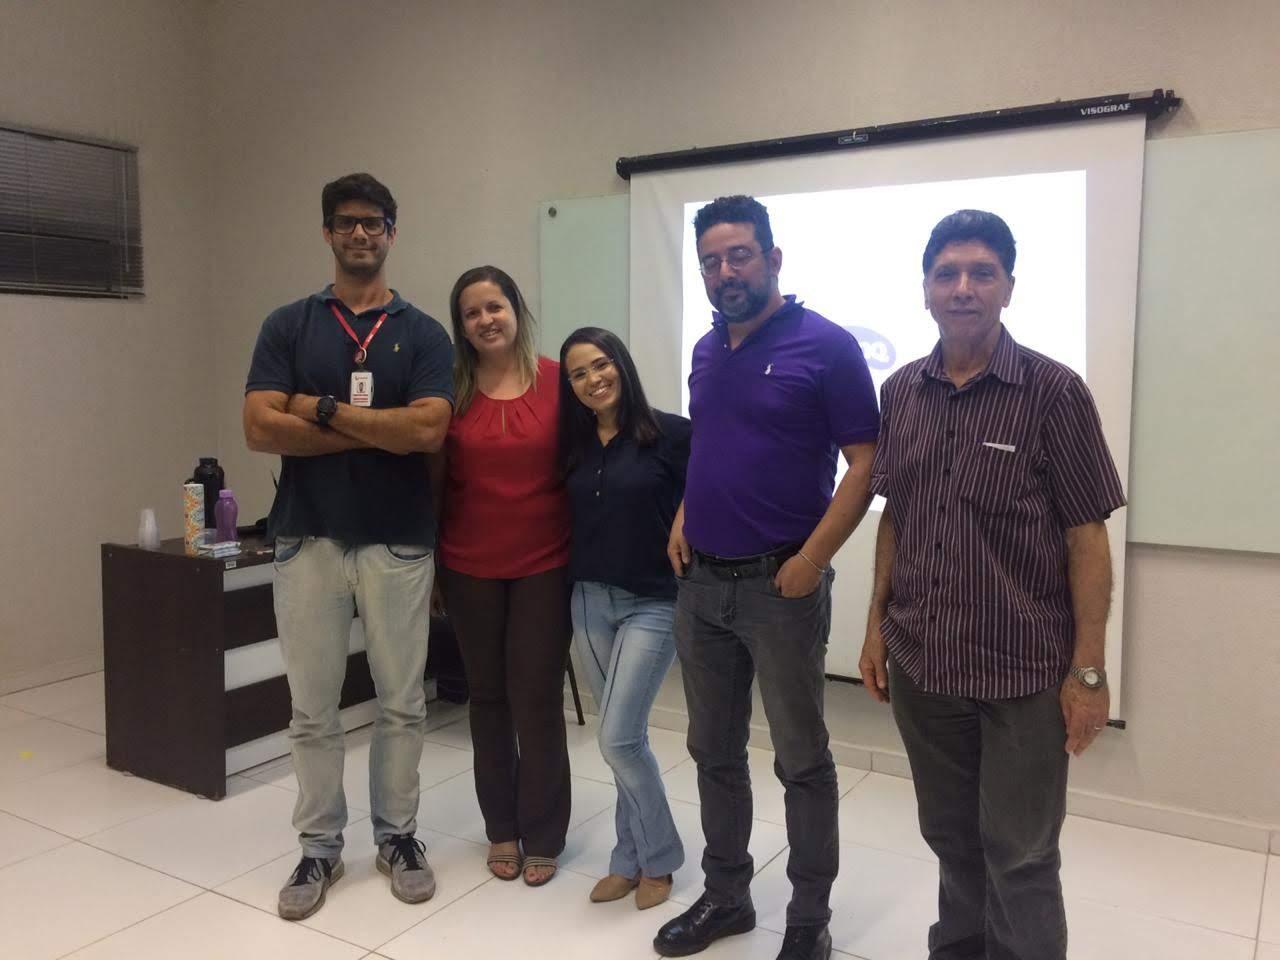 Registro o Exame de Qualificação da aluna: Janaelia Ferreira Vasconcelos em 28-08-2019